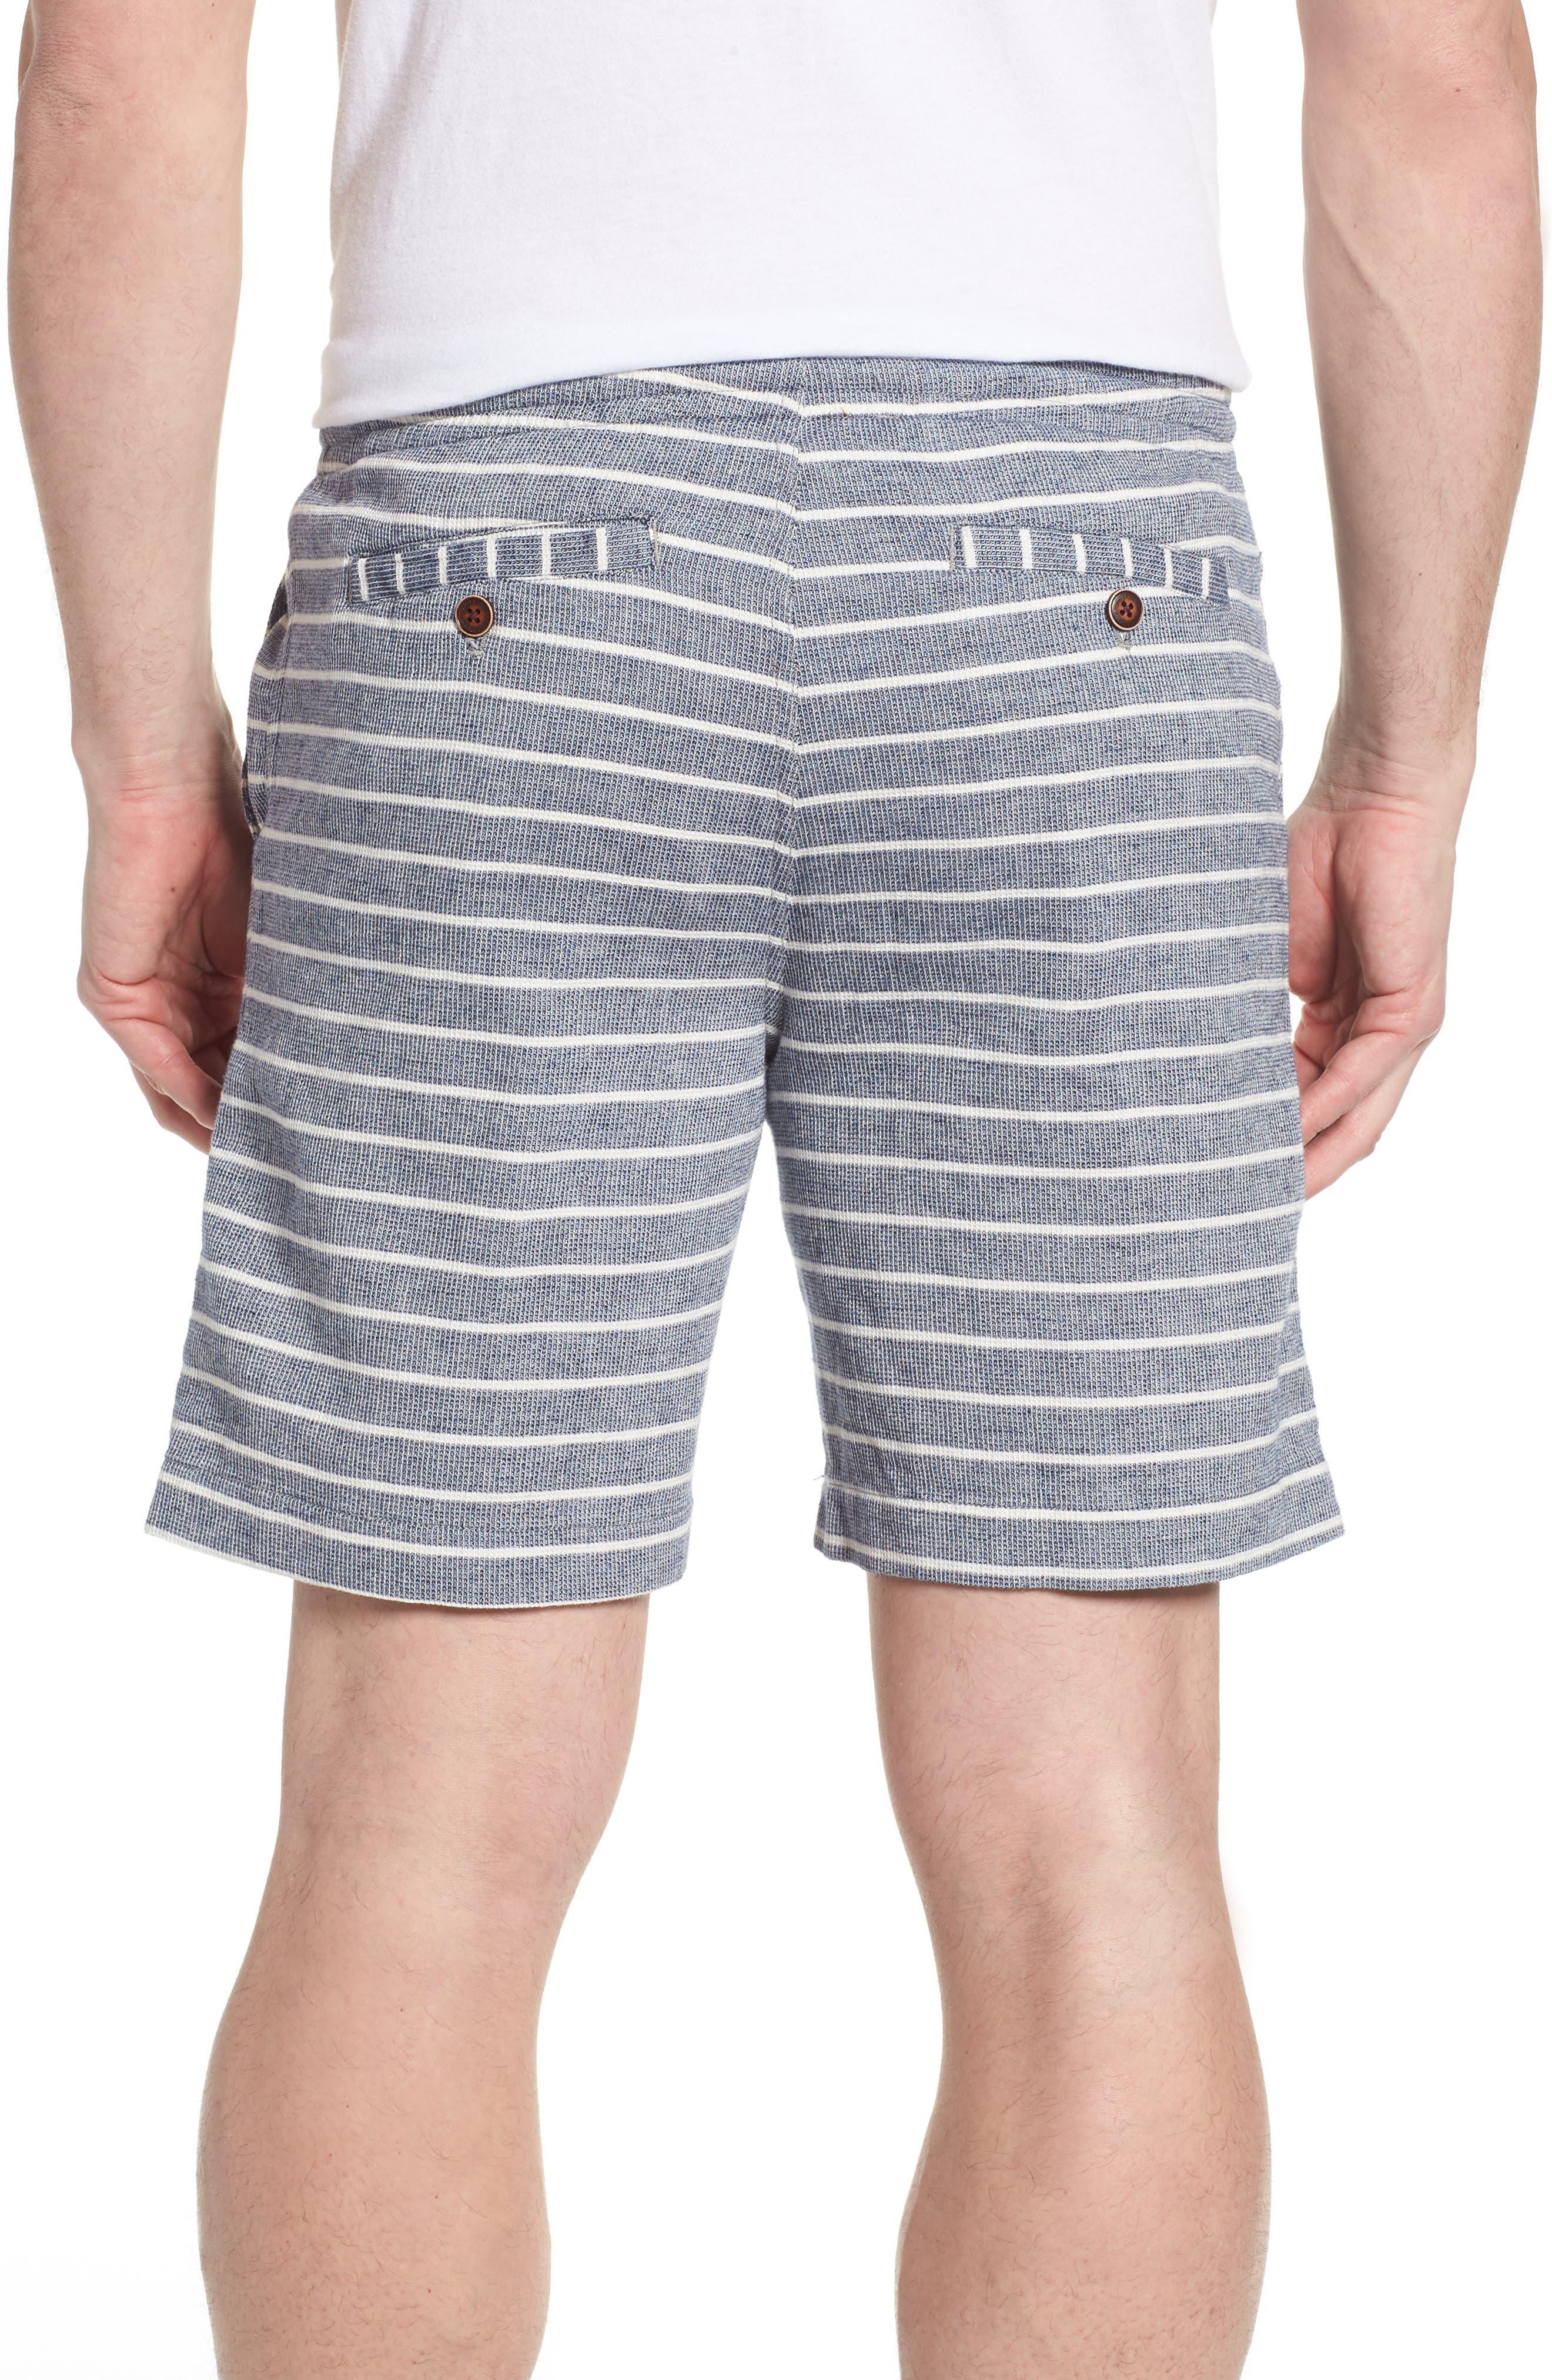 Steve Stripe Pull-On Shorts,                             Alternate thumbnail 2, color,                             Blue / White